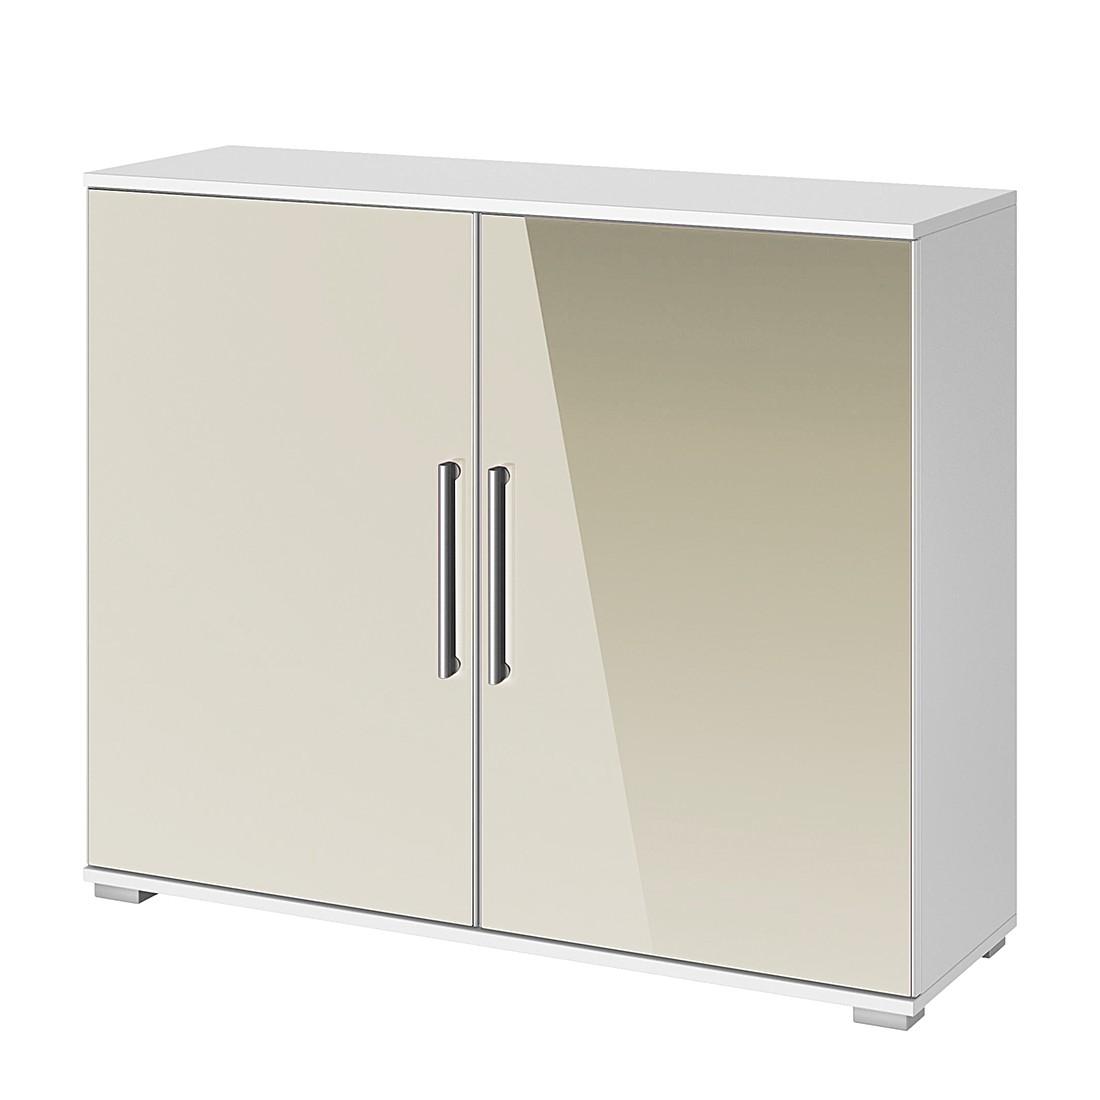 Commode à tiroirs Quadra - Blanc alpin / Gris sable brillant, Rauch Packs